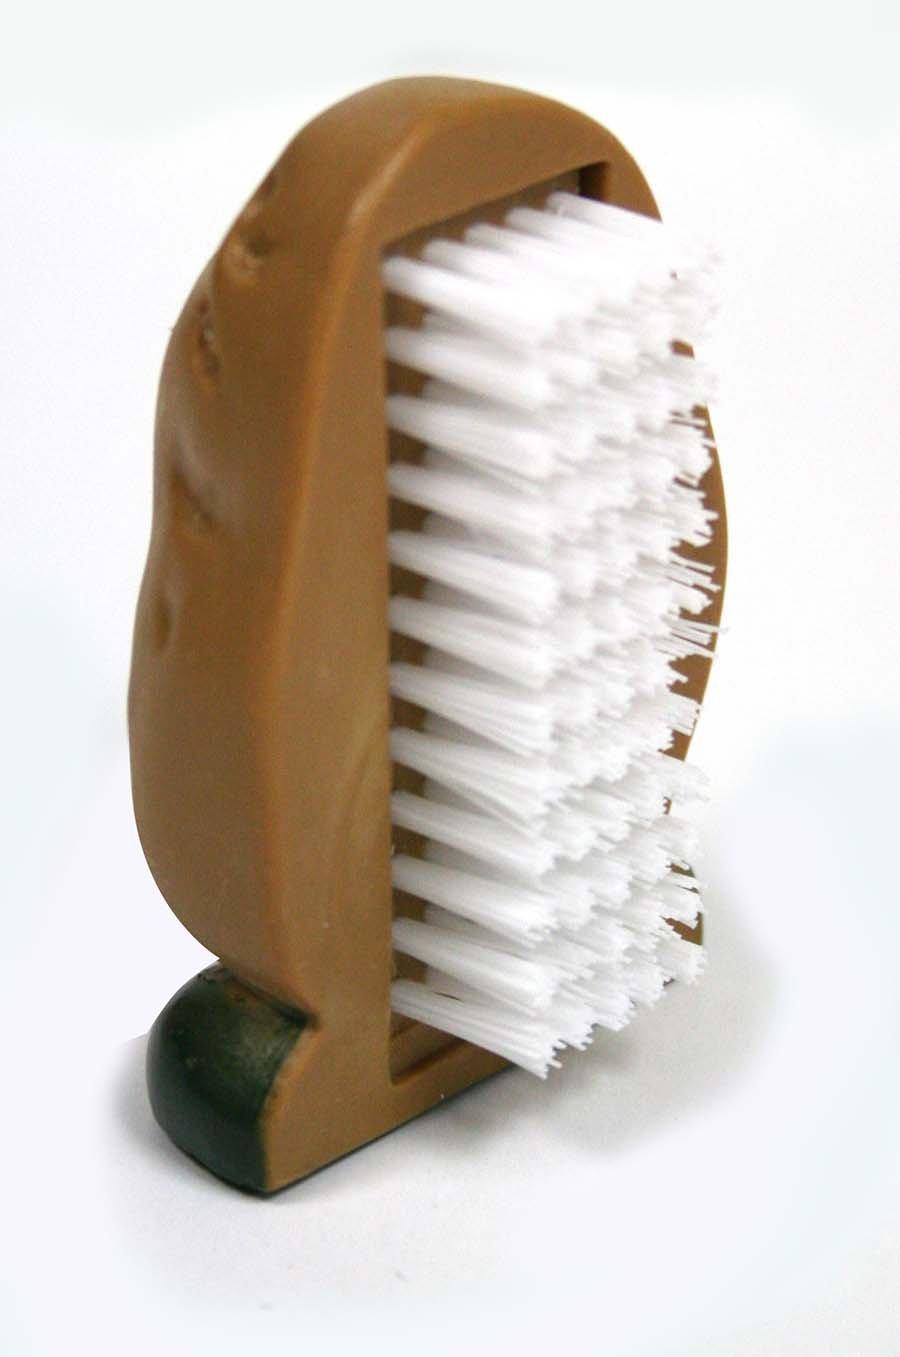 Joie Spud Dude Potato Vegetable Scrub Cleaner Brush